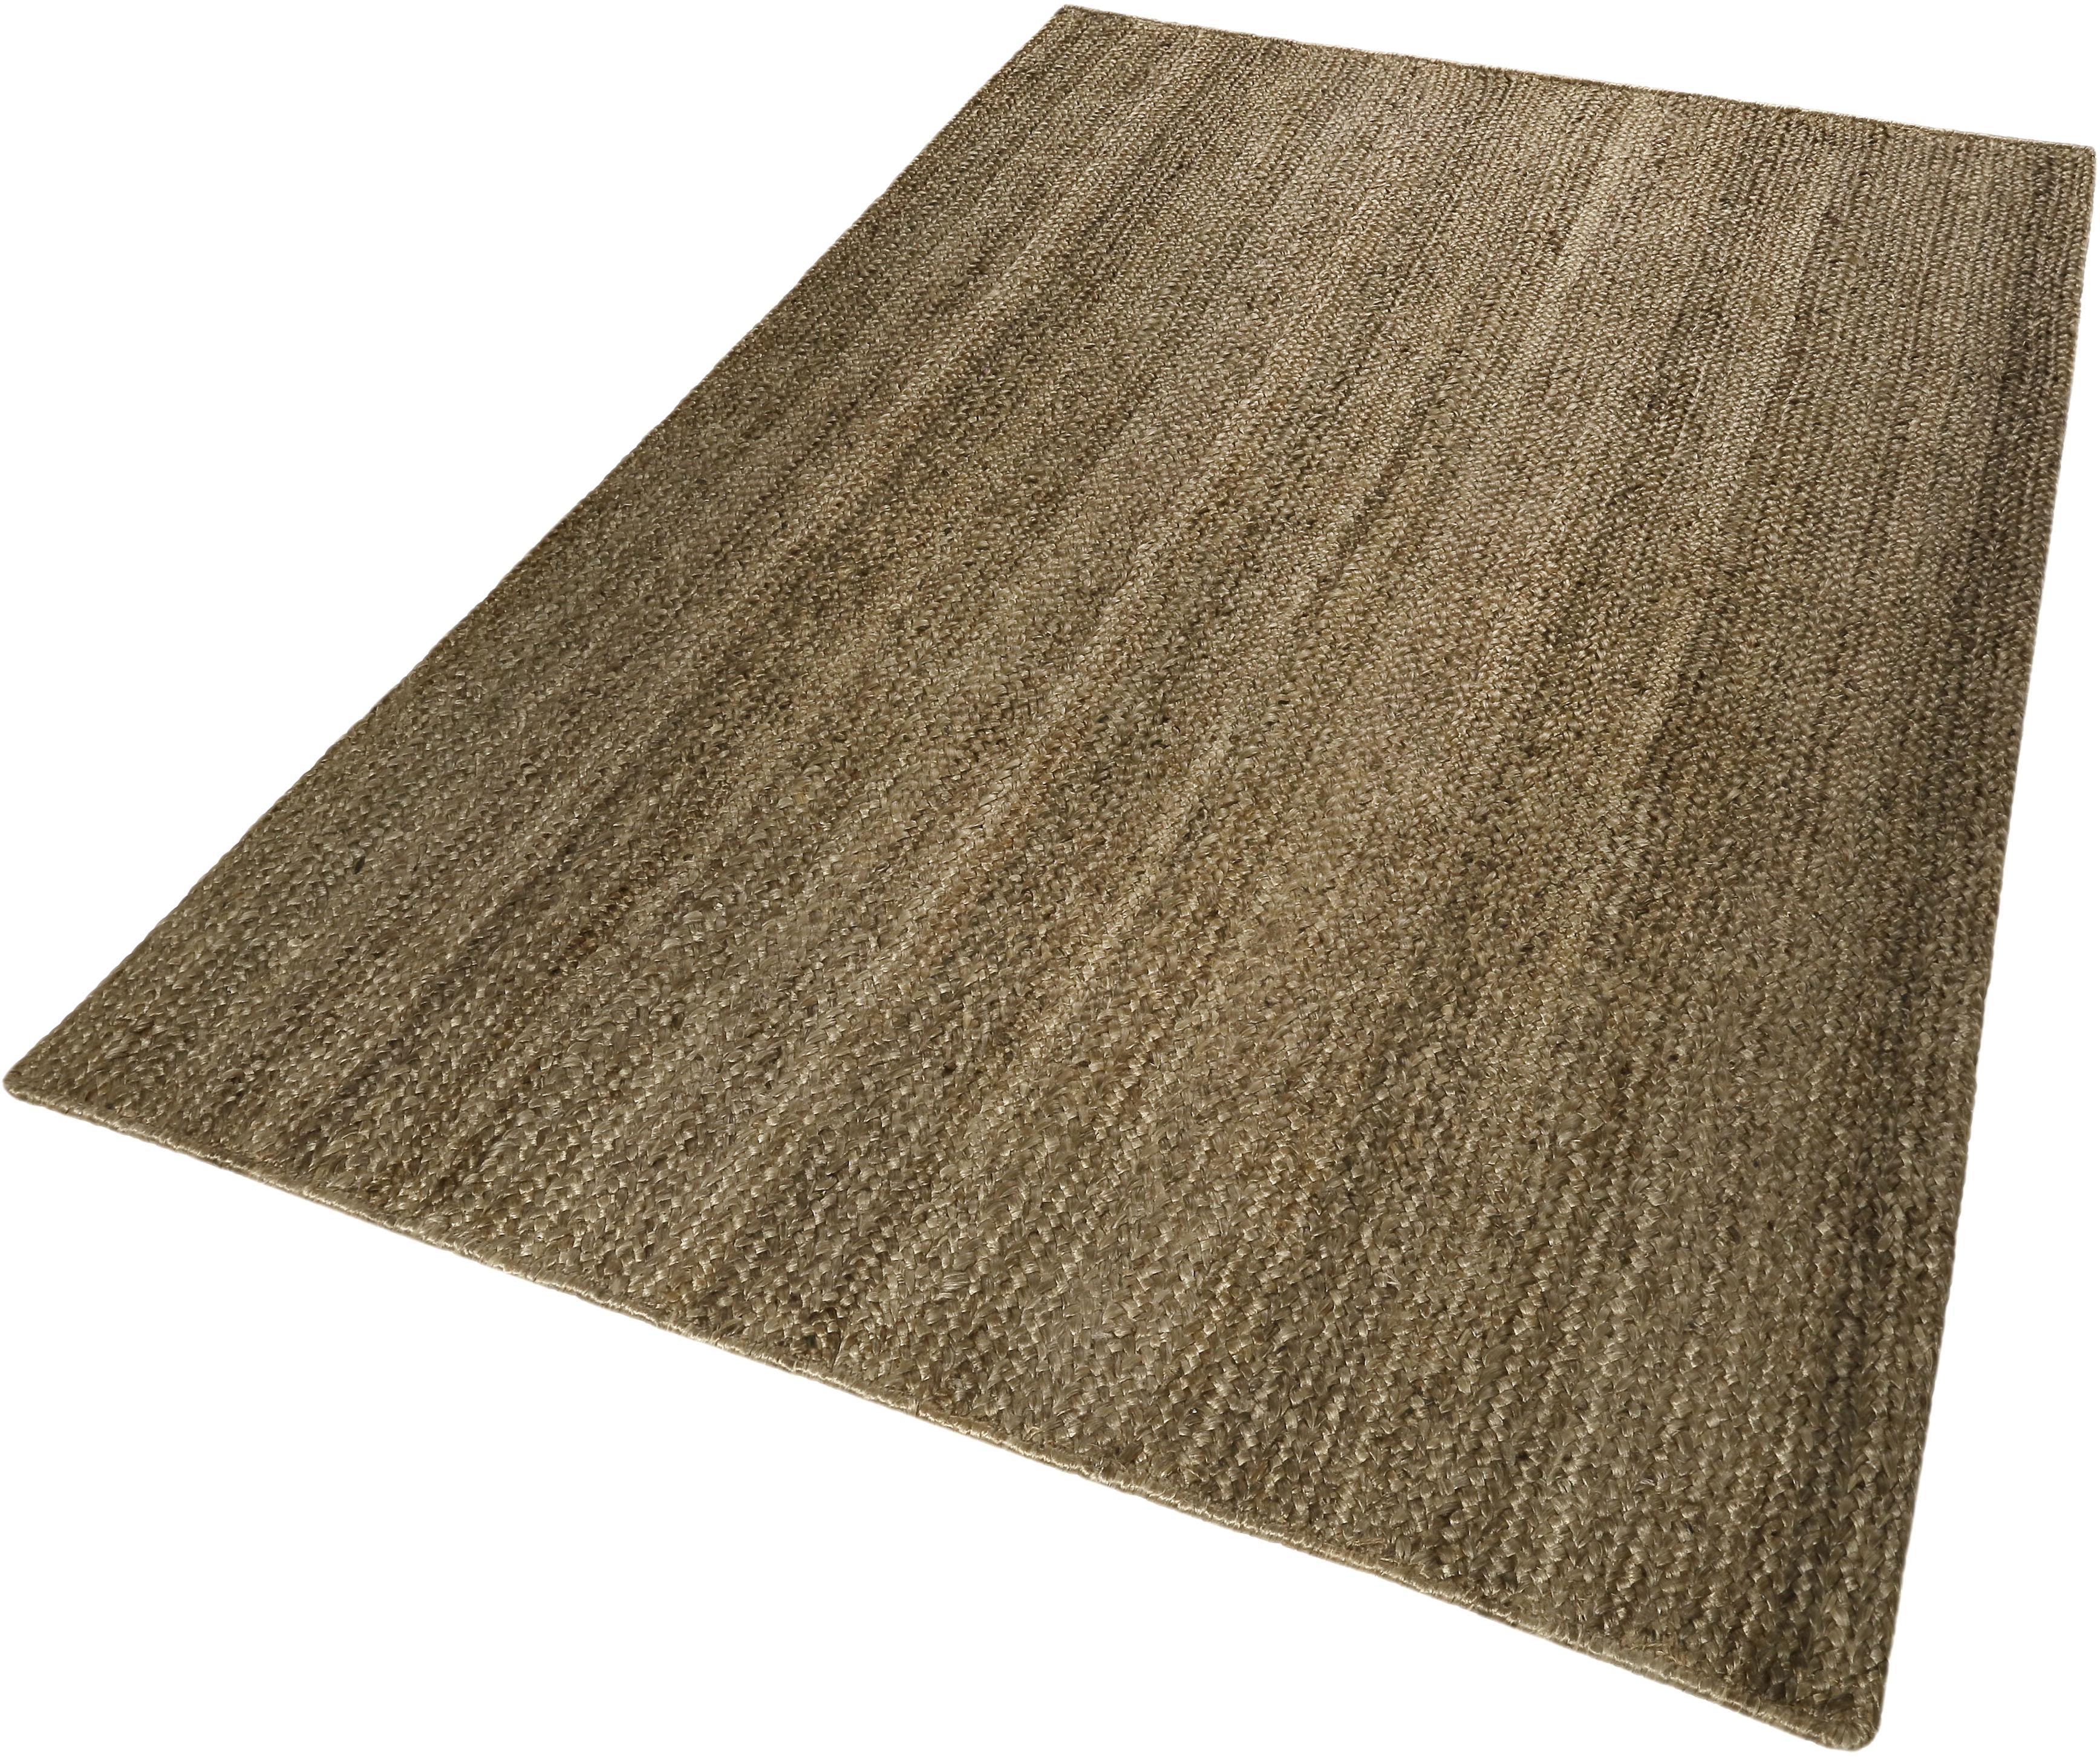 Teppich Feel Nature Esprit rechteckig Höhe 6 mm handgewebt